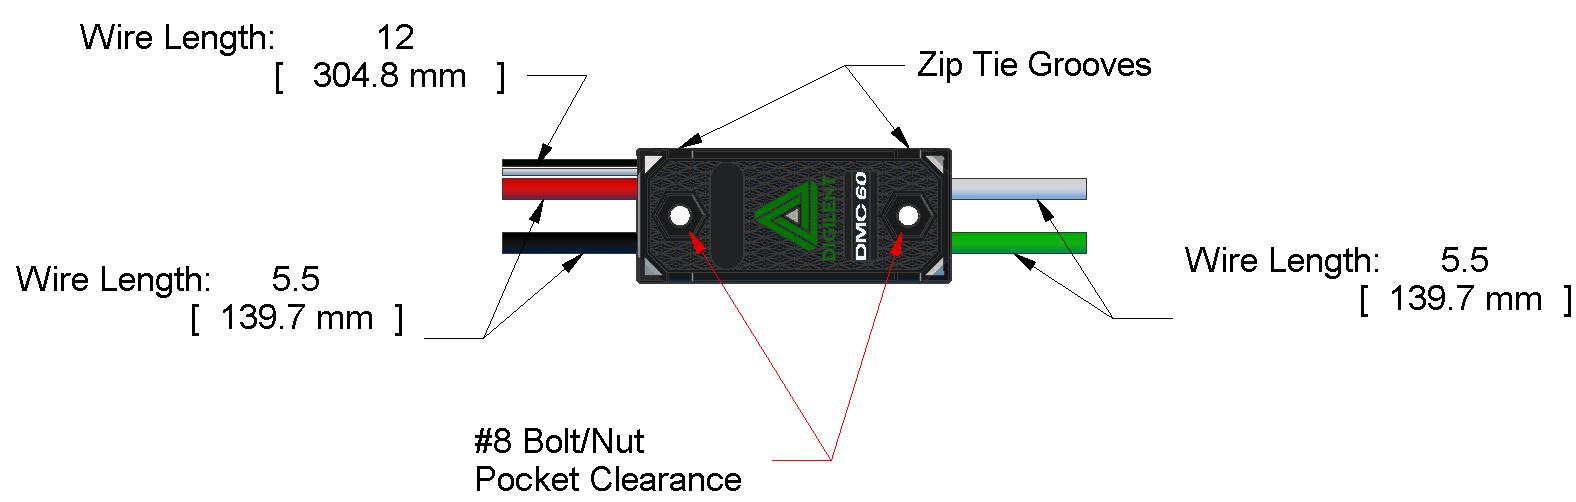 DMC 60 accessory dimensions.